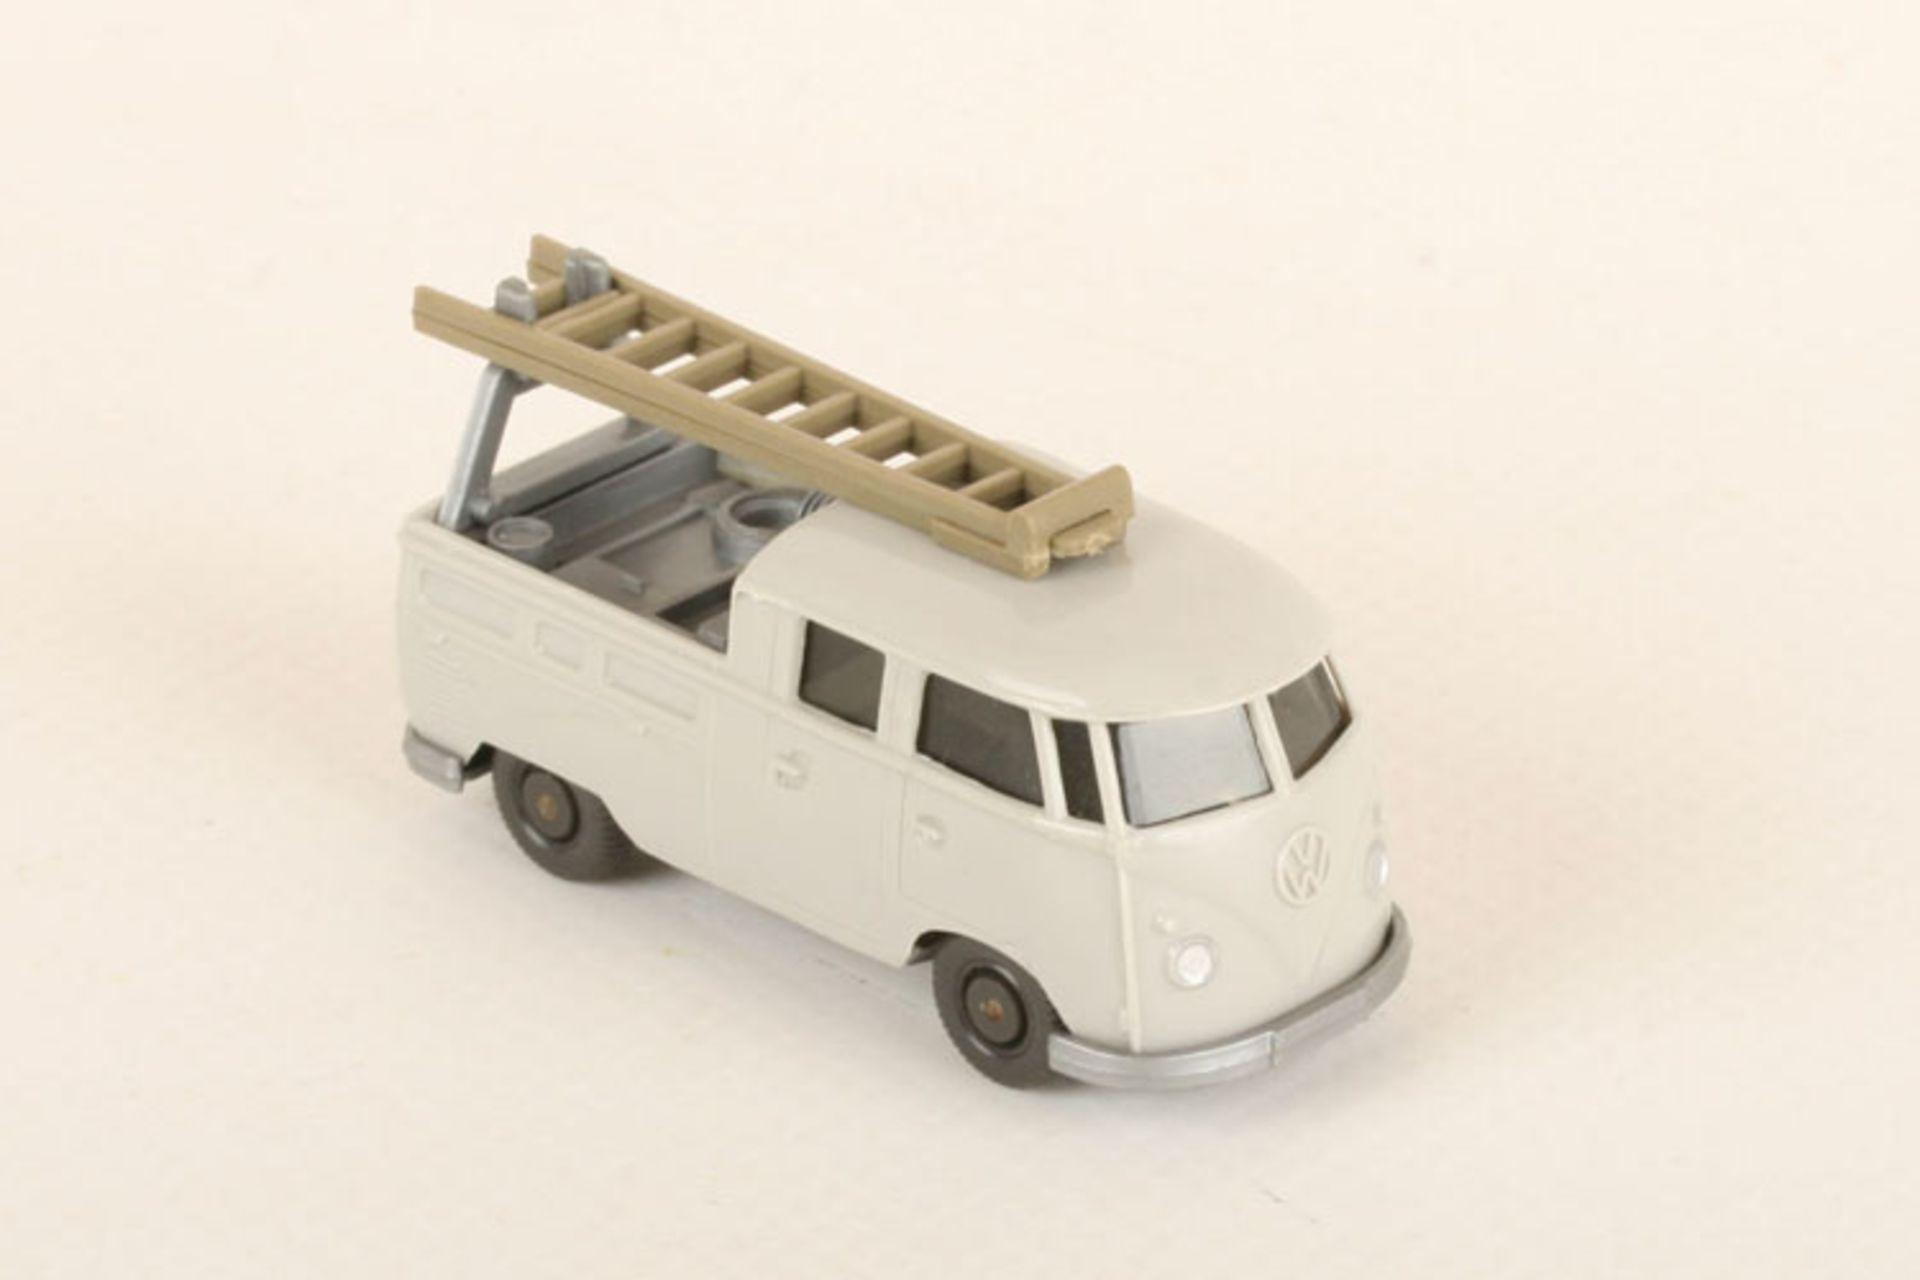 Los 1053 - Wiking VW Montagewagen lichtgrau 296/1d, eine Leitersprosse mit bündig schließendem Spannungsriss,